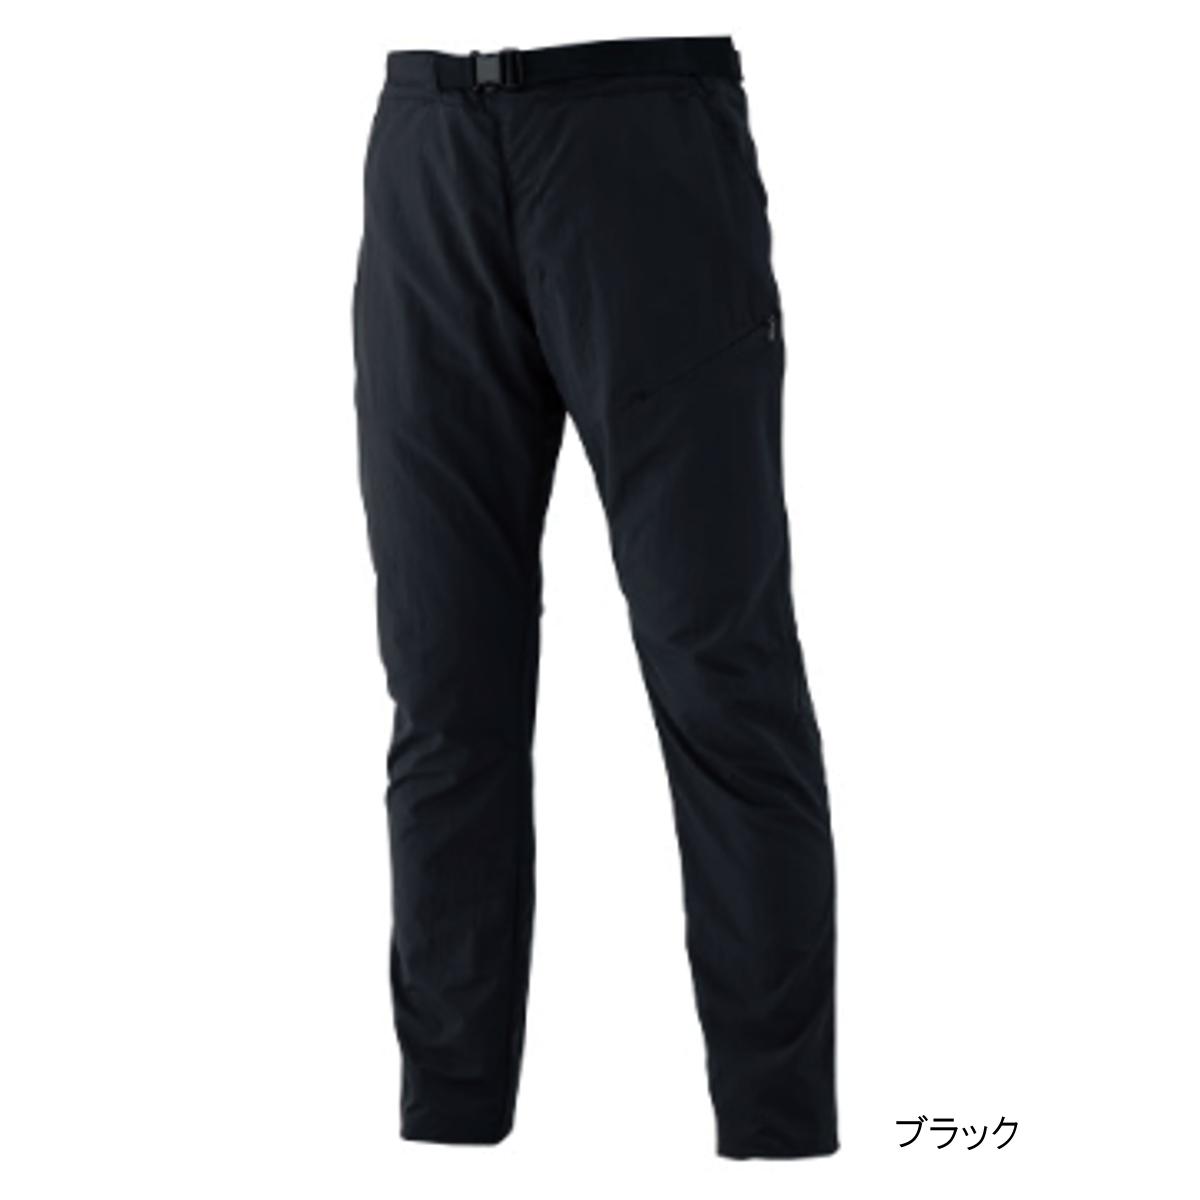 ノーフライゾーン フィールドパンツ(ロング) GM-3564 M ブラック【同梱不可】